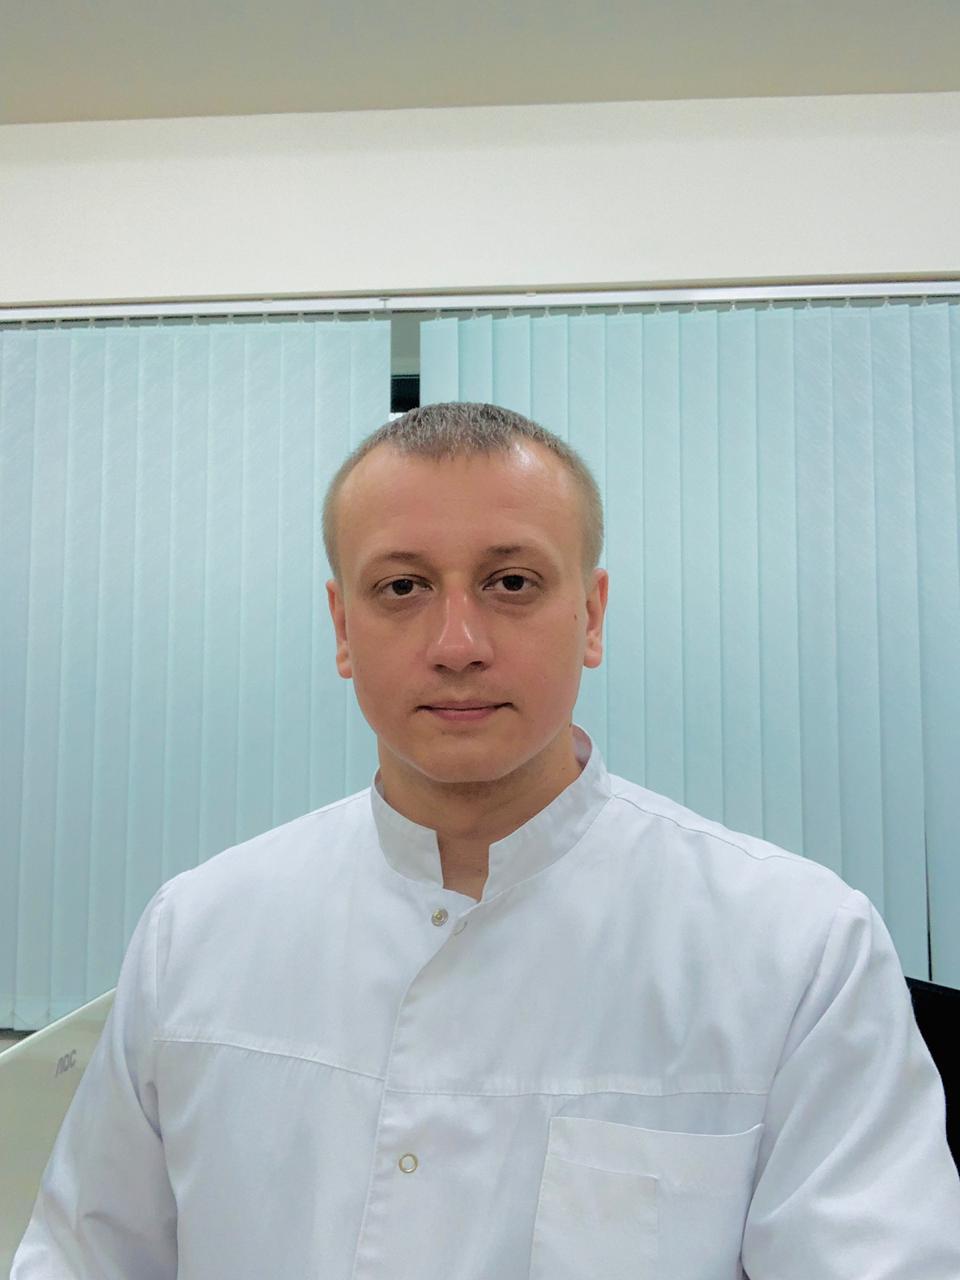 Владимир Викторович Сунцов Сунцов. Оториноларинголог